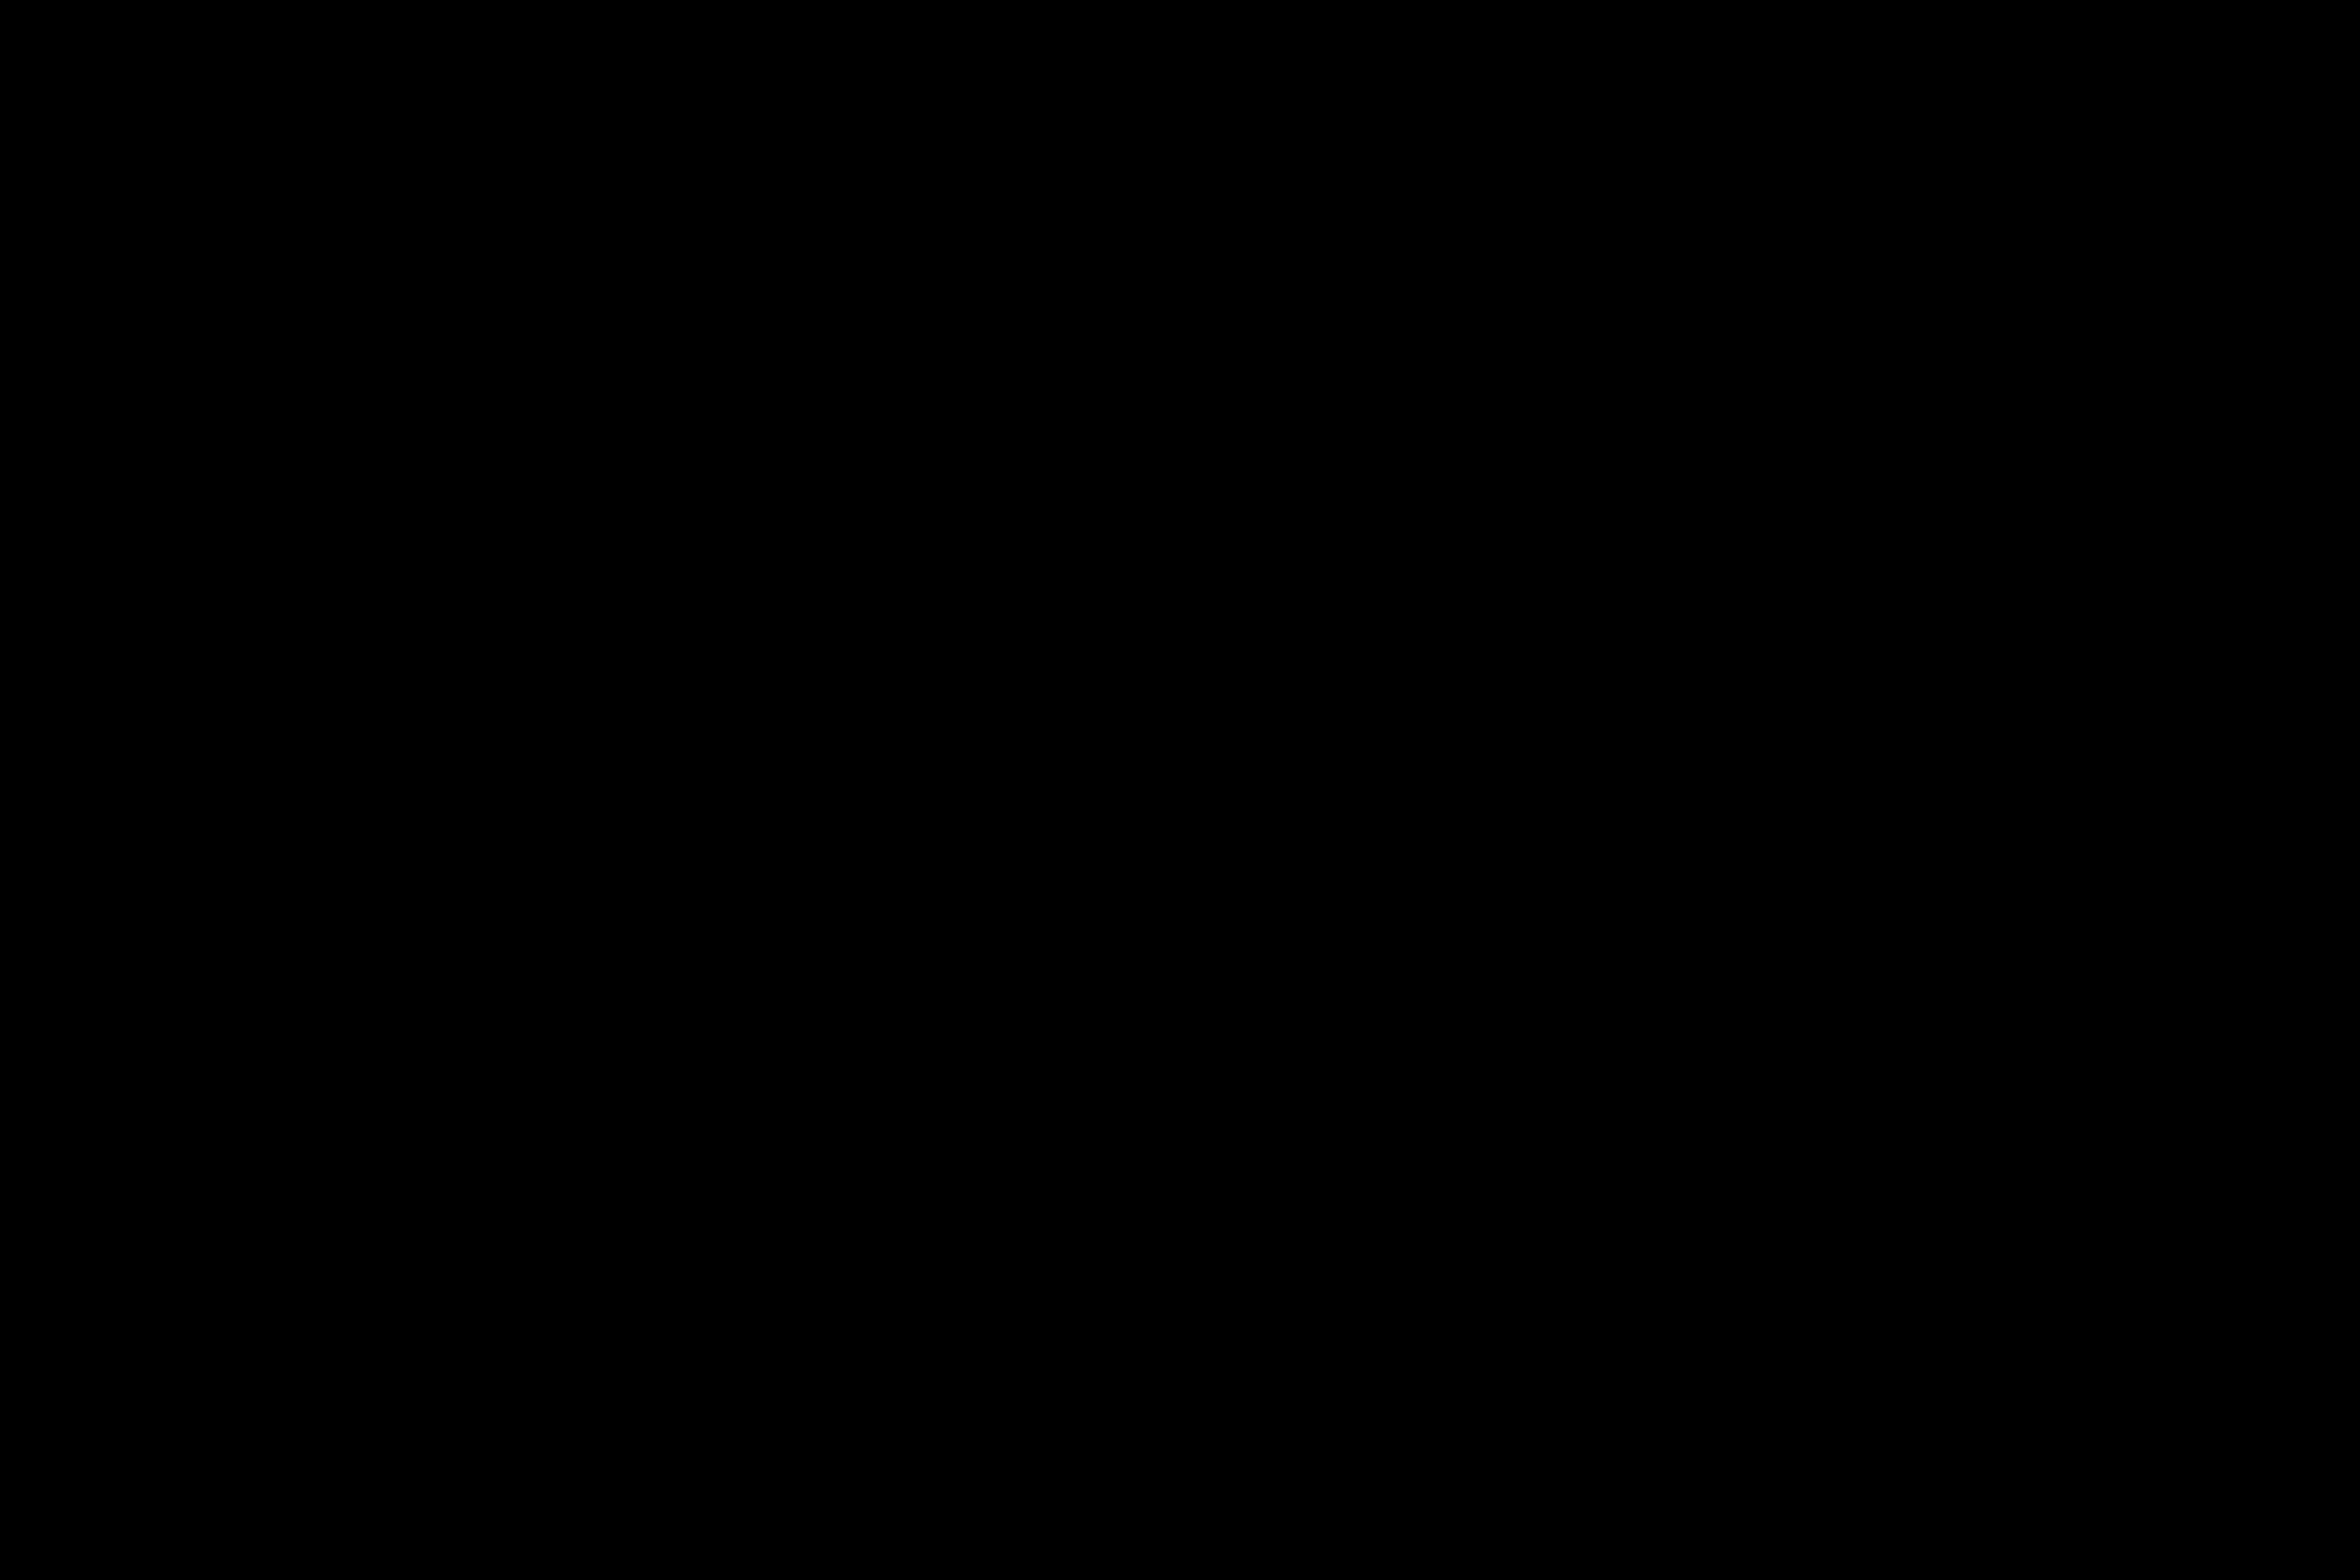 2021 Toyota Avalon Warrenton, VA Available Safety Features